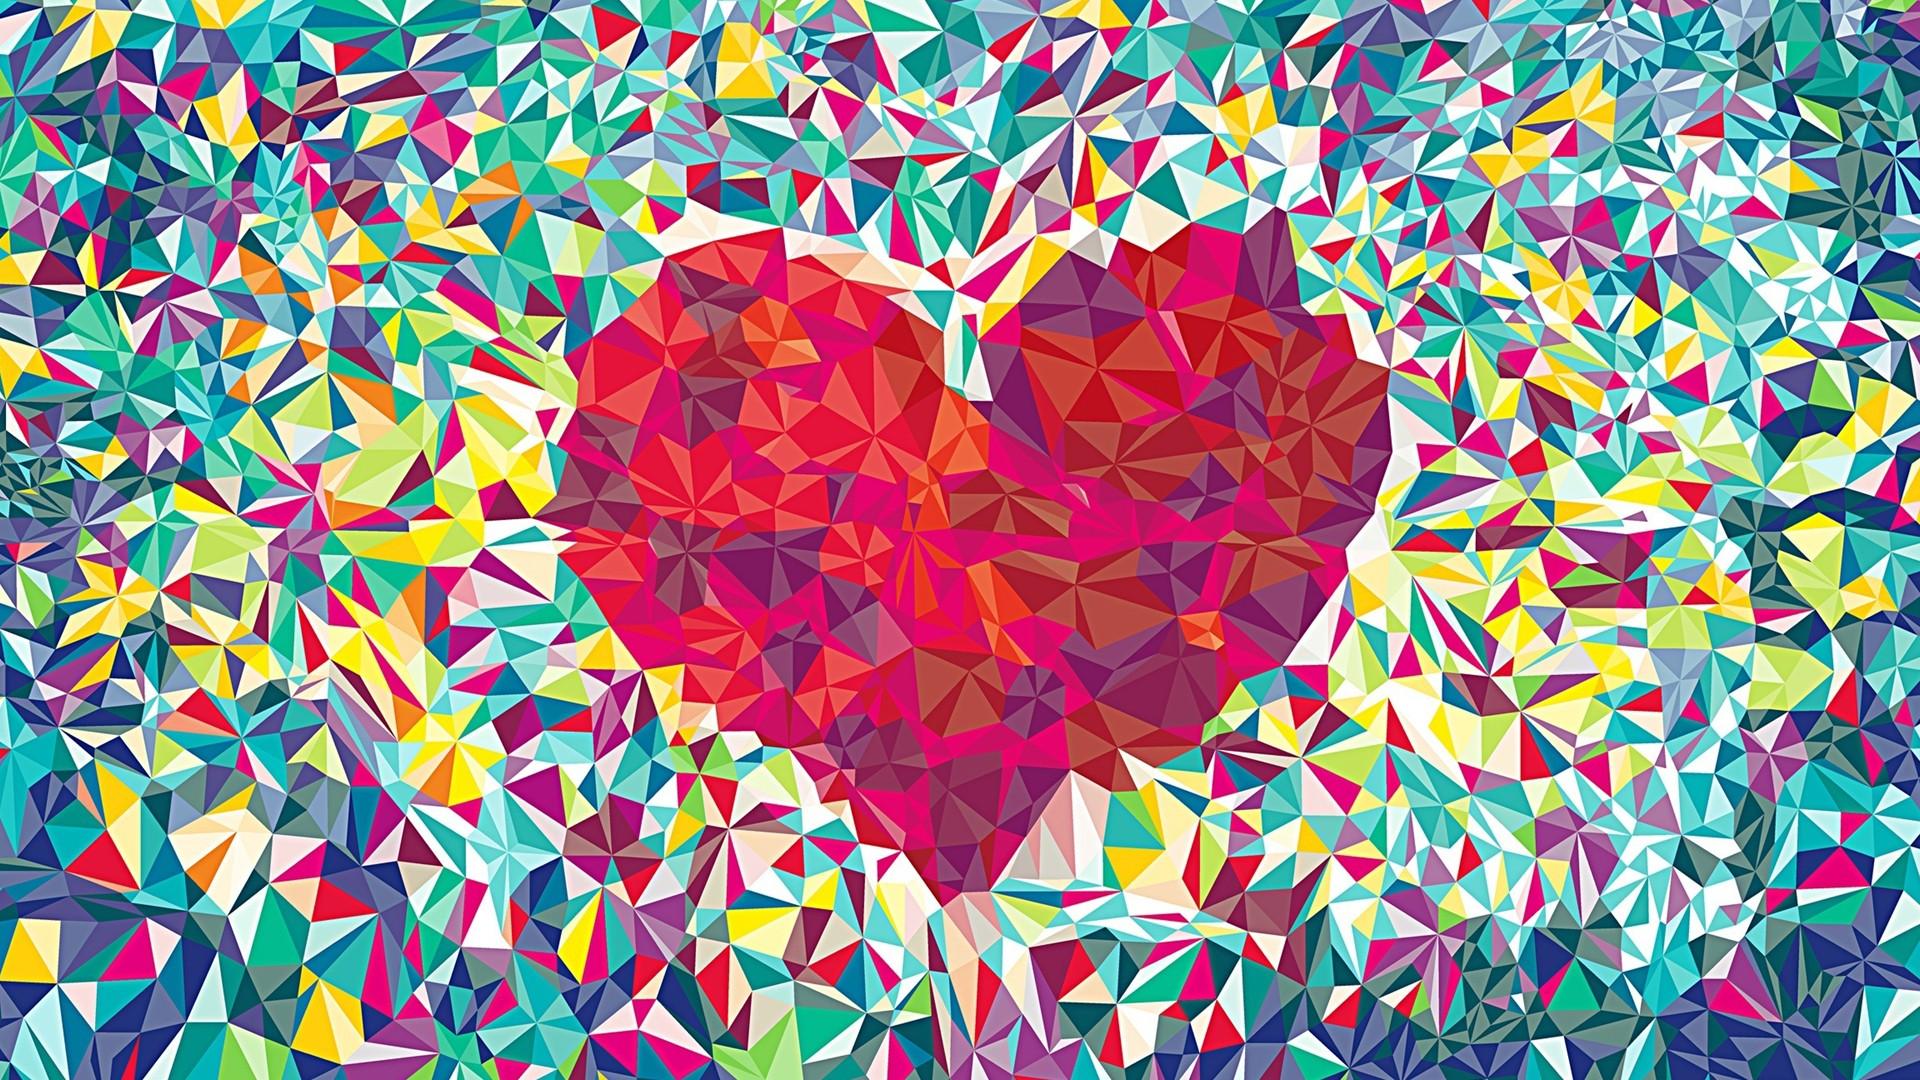 Cool Wallpapers Love Heart HD Wallpaper of Love   hdwallpaper2013com 1920x1080